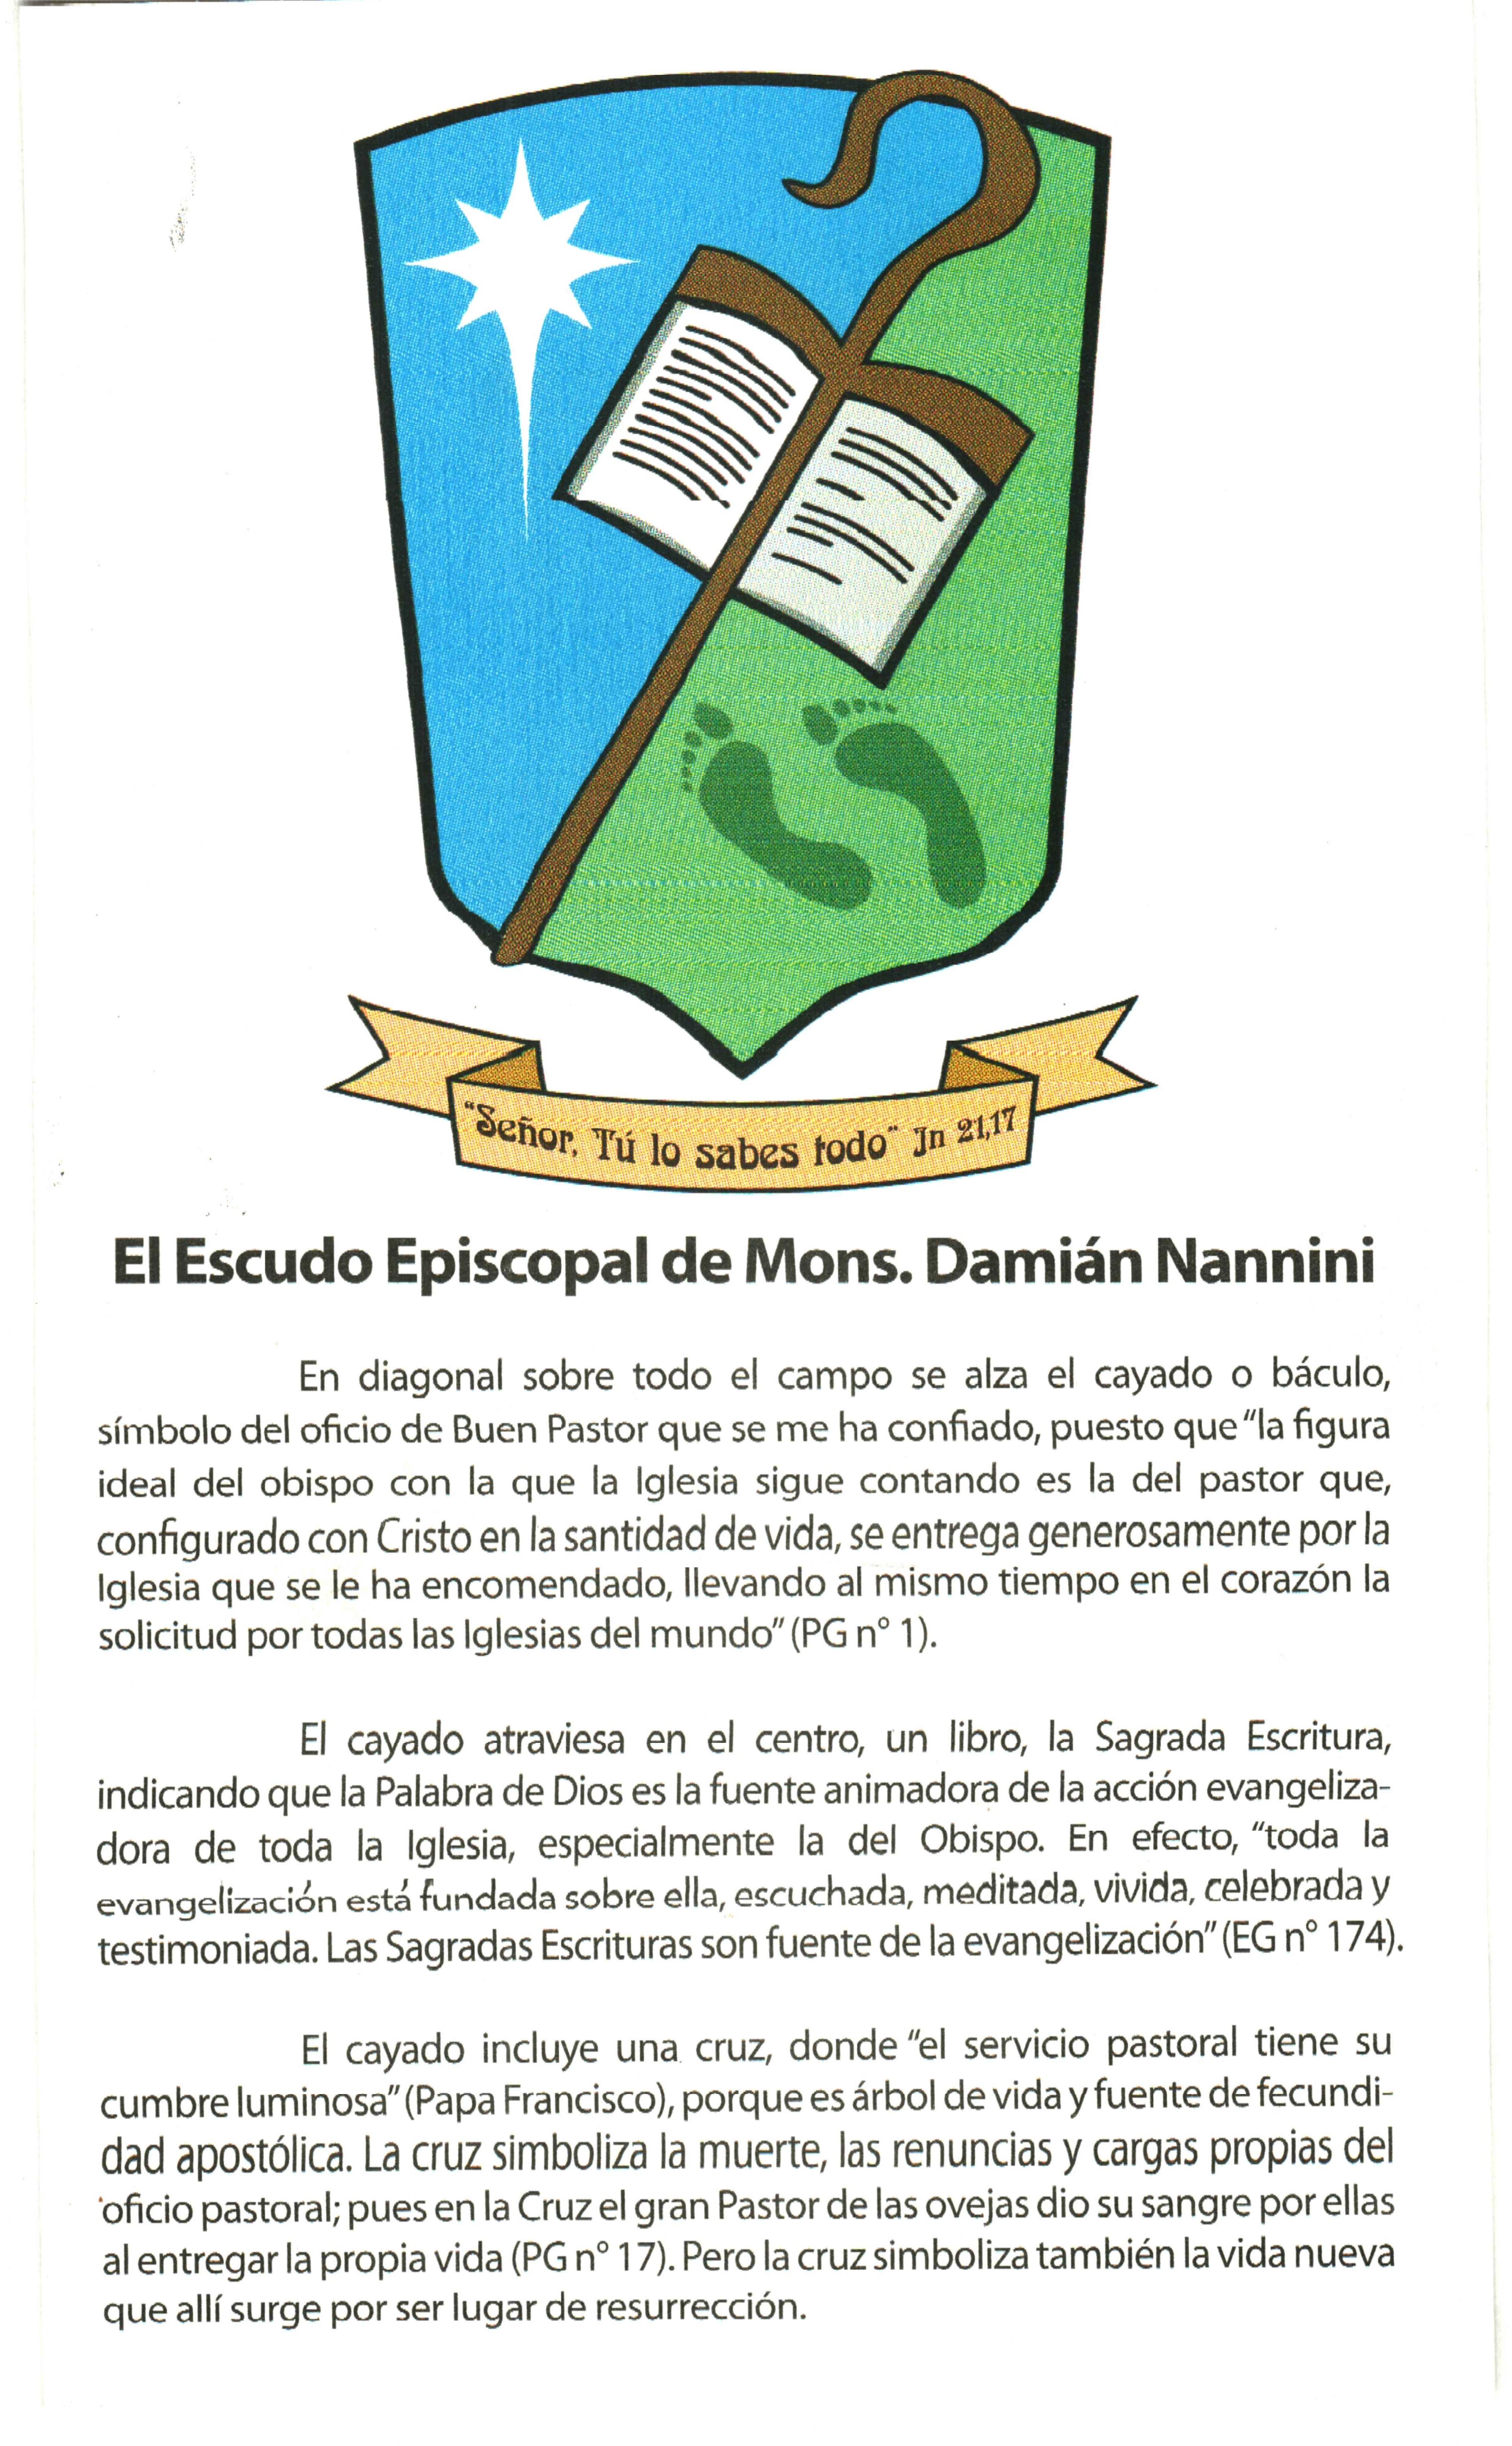 Escudo Episcopal